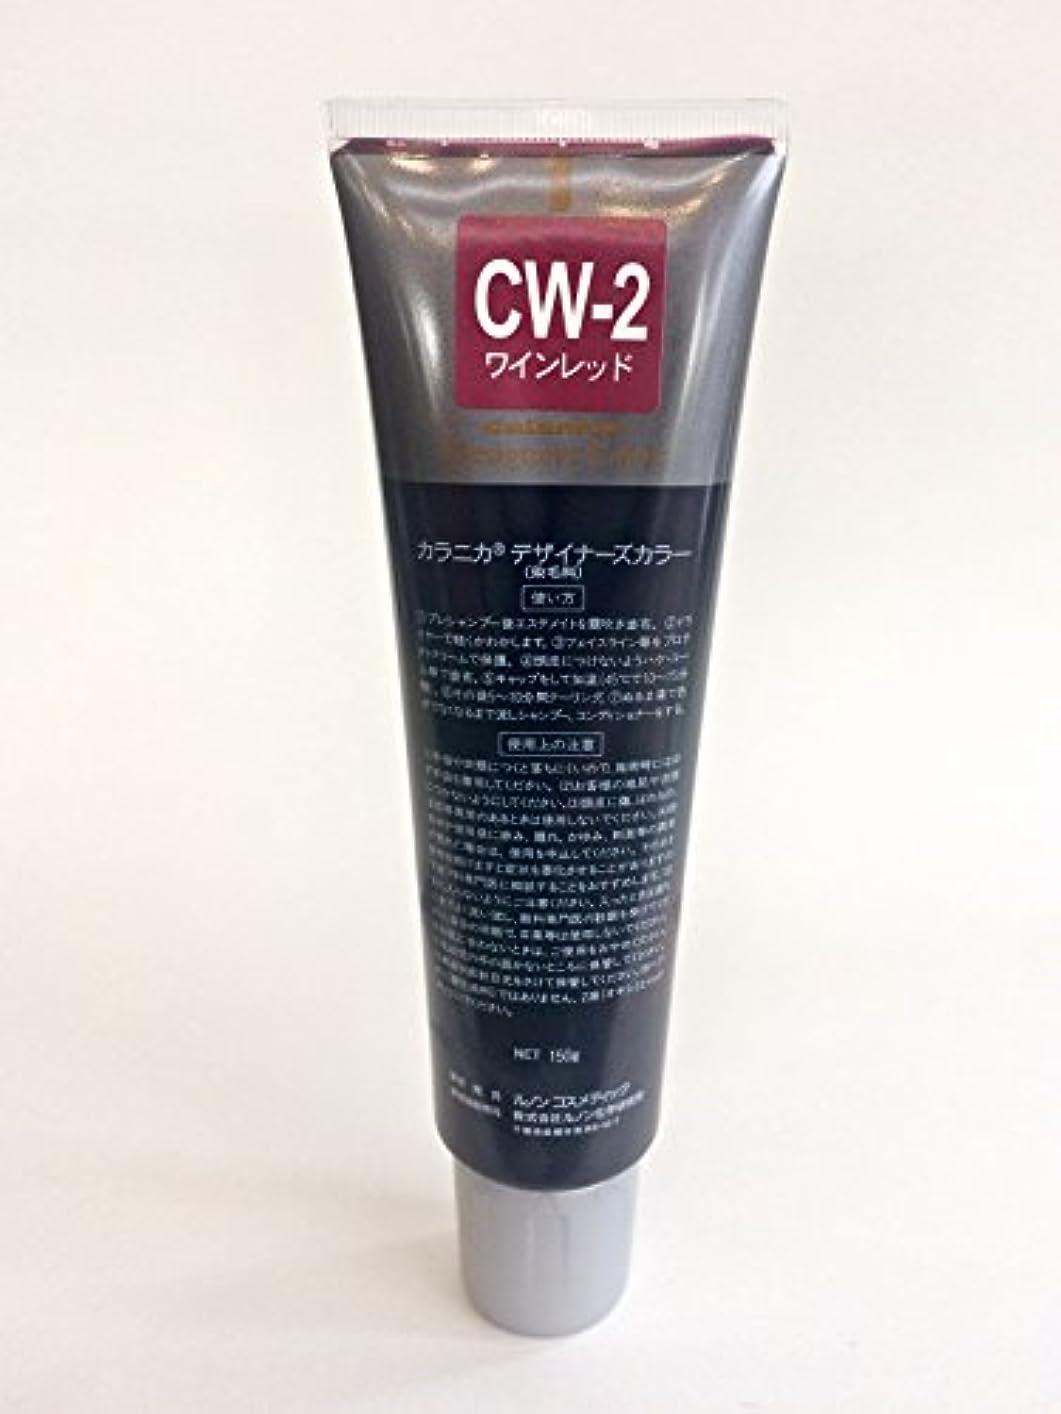 取り出すカウント空白日本製!酸性タイプ(マニュキュア) デザイナーズカラー 発色性に優れ、ツヤ?感触が良く、色落ちがしにくいカラー剤? (CW-2ワインレッド)